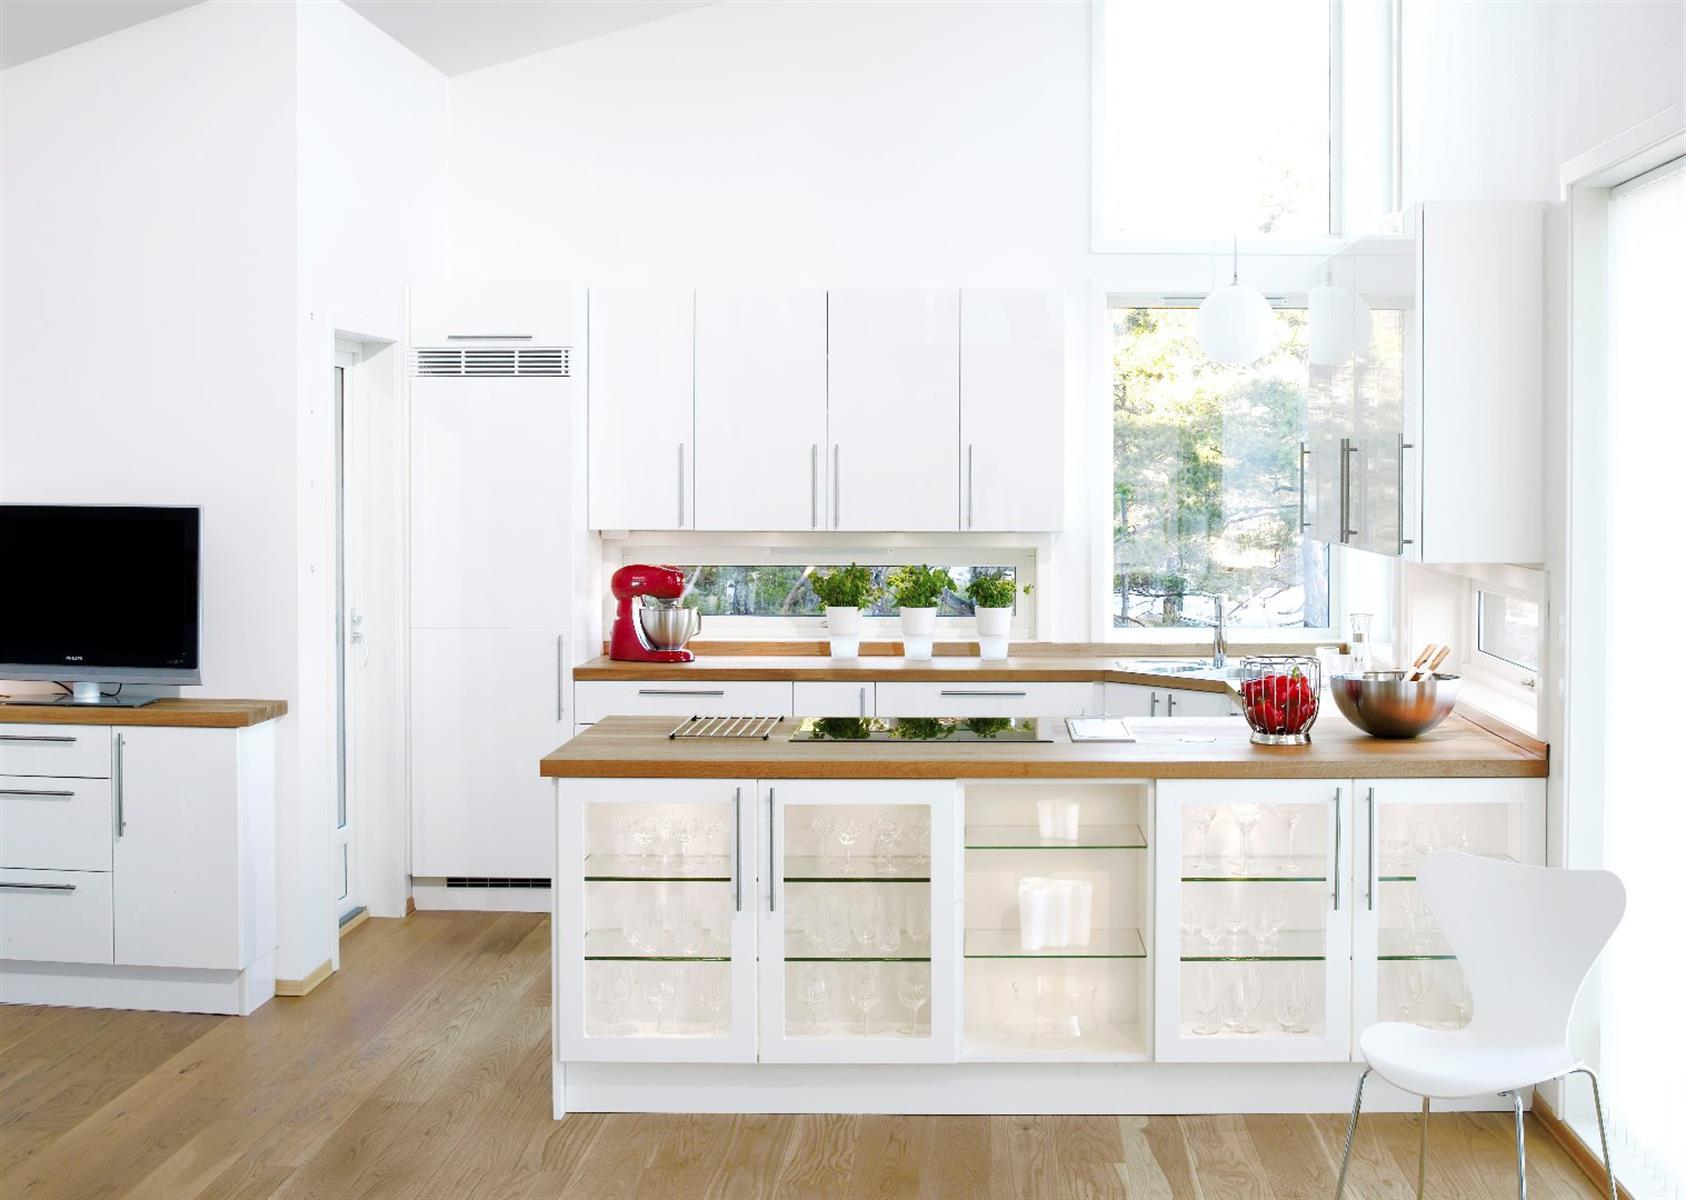 Kjøkkenskap med glassfronter